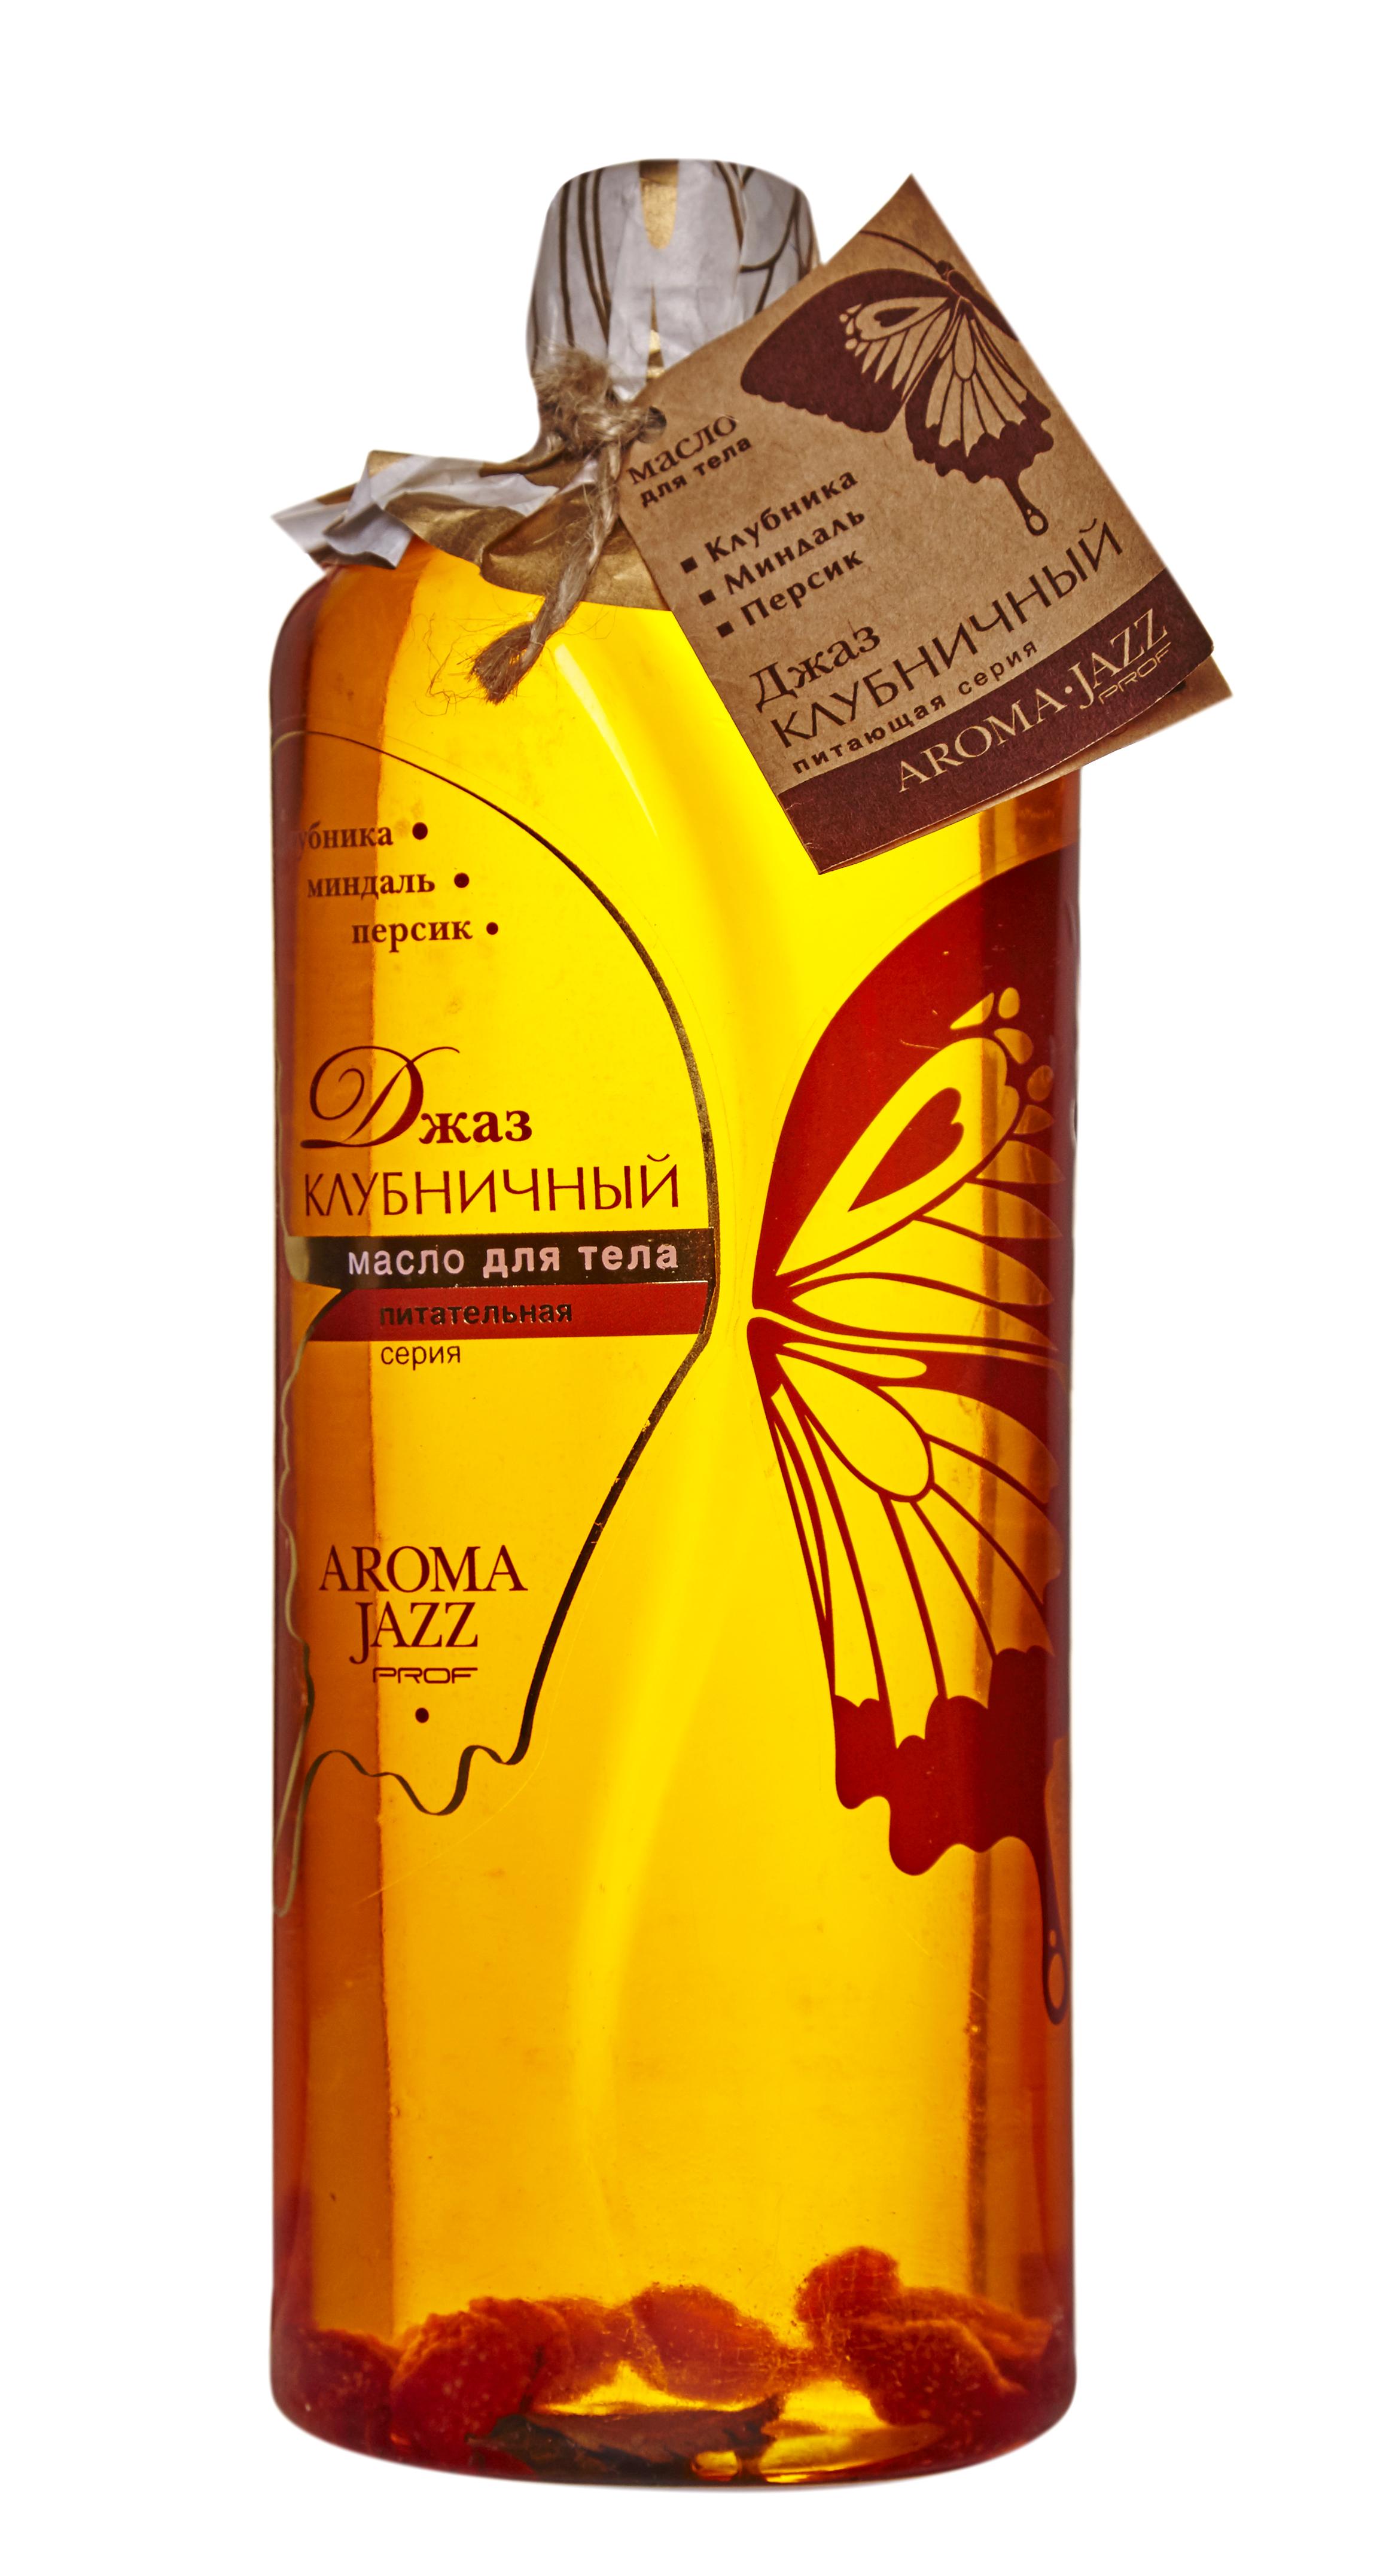 AROMA JAZZ Масло массажное жидкое для тела Клубничный джаз 1000млМасла<br>Питает, смягчает, наполняет энергией, увлажняет и разглаживает кожу. Регулярное применение масла уменьшит сосудистый рисунок на лице, снимет отеки и успокоит кожу. Оно может использоваться в комплексной терапии кожных заболеваний.  Клубничный джаз  выводит токсины и шлаки, восстанавливает барьерные функции и местный иммунитет кожи, снимает воспаление и акнэ. Масло является сильным антиоксидантом, препятствует преждевременному старению и увяданию кожи. Показано для восстановления сухой, шелушащейся, раздраженной кожи. Даже в самый дождливый и пасмурный день аромат клубники создаст летнее настроение. Все хорошо, и мир вокруг вас прекрасен, пользуйтесь этим! Активные ингредиенты: масла оливы, пальмы, кокоса, сои, жожоба, растительное с витамином В; экстракты клубники, горчицы и перца; эфирные масла миндаля, ванили и персика. Способ применения: рекомендовано для проведения классического и баночного массажа, втирания после душа, горячих ванн и SPA-процедур в салоне и дома. Рекомендуется использовать одноразовое белье.<br><br>Объем: 1000<br>Вид средства для тела: Массажный